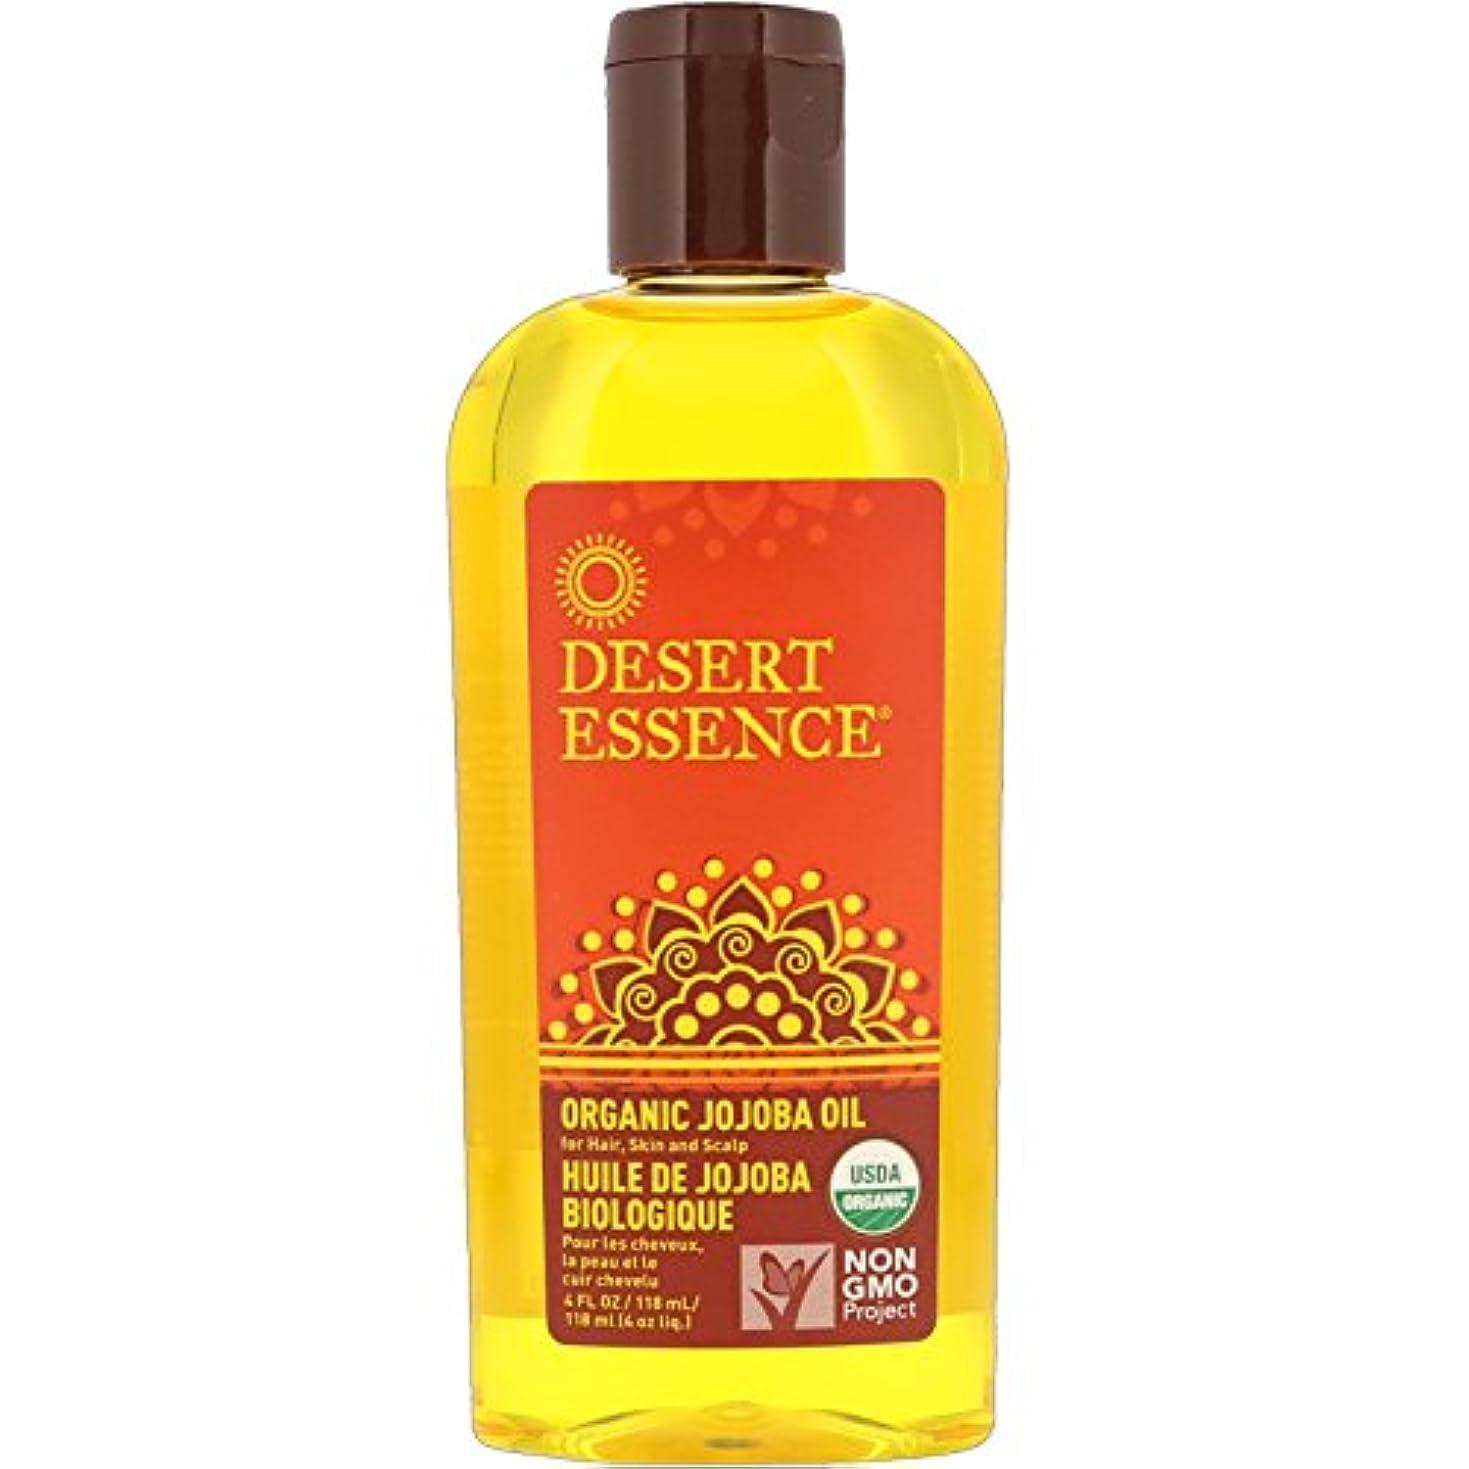 メールを書くカフェ書士Desert Essence Organic Jojoba Oil 120 ml (並行輸入品)